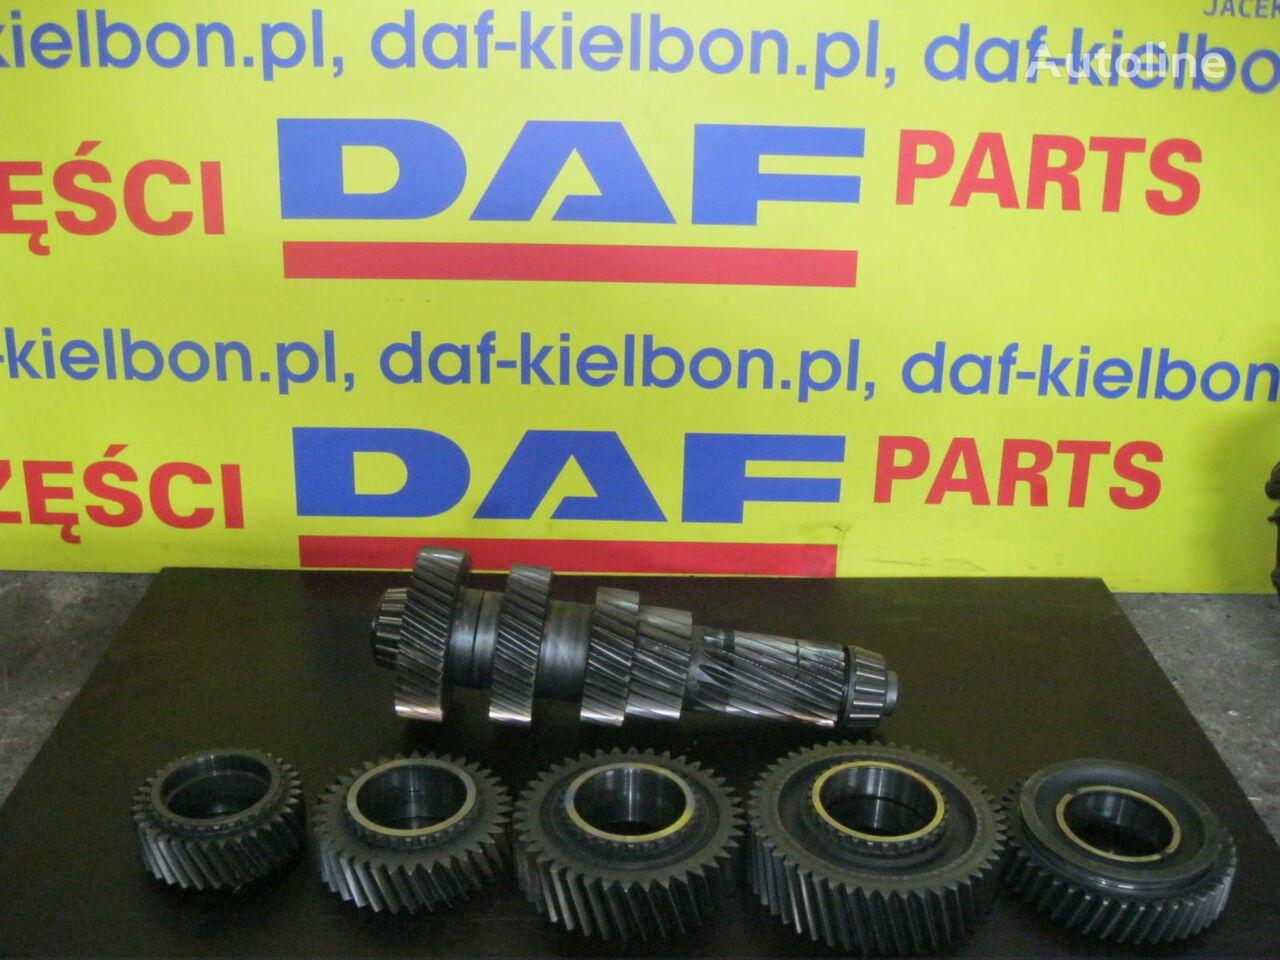 KOŁO ZĘBATE WAŁEK POŚREDNI ZF otra pieza de transmisión para DAF XF 105 tractora